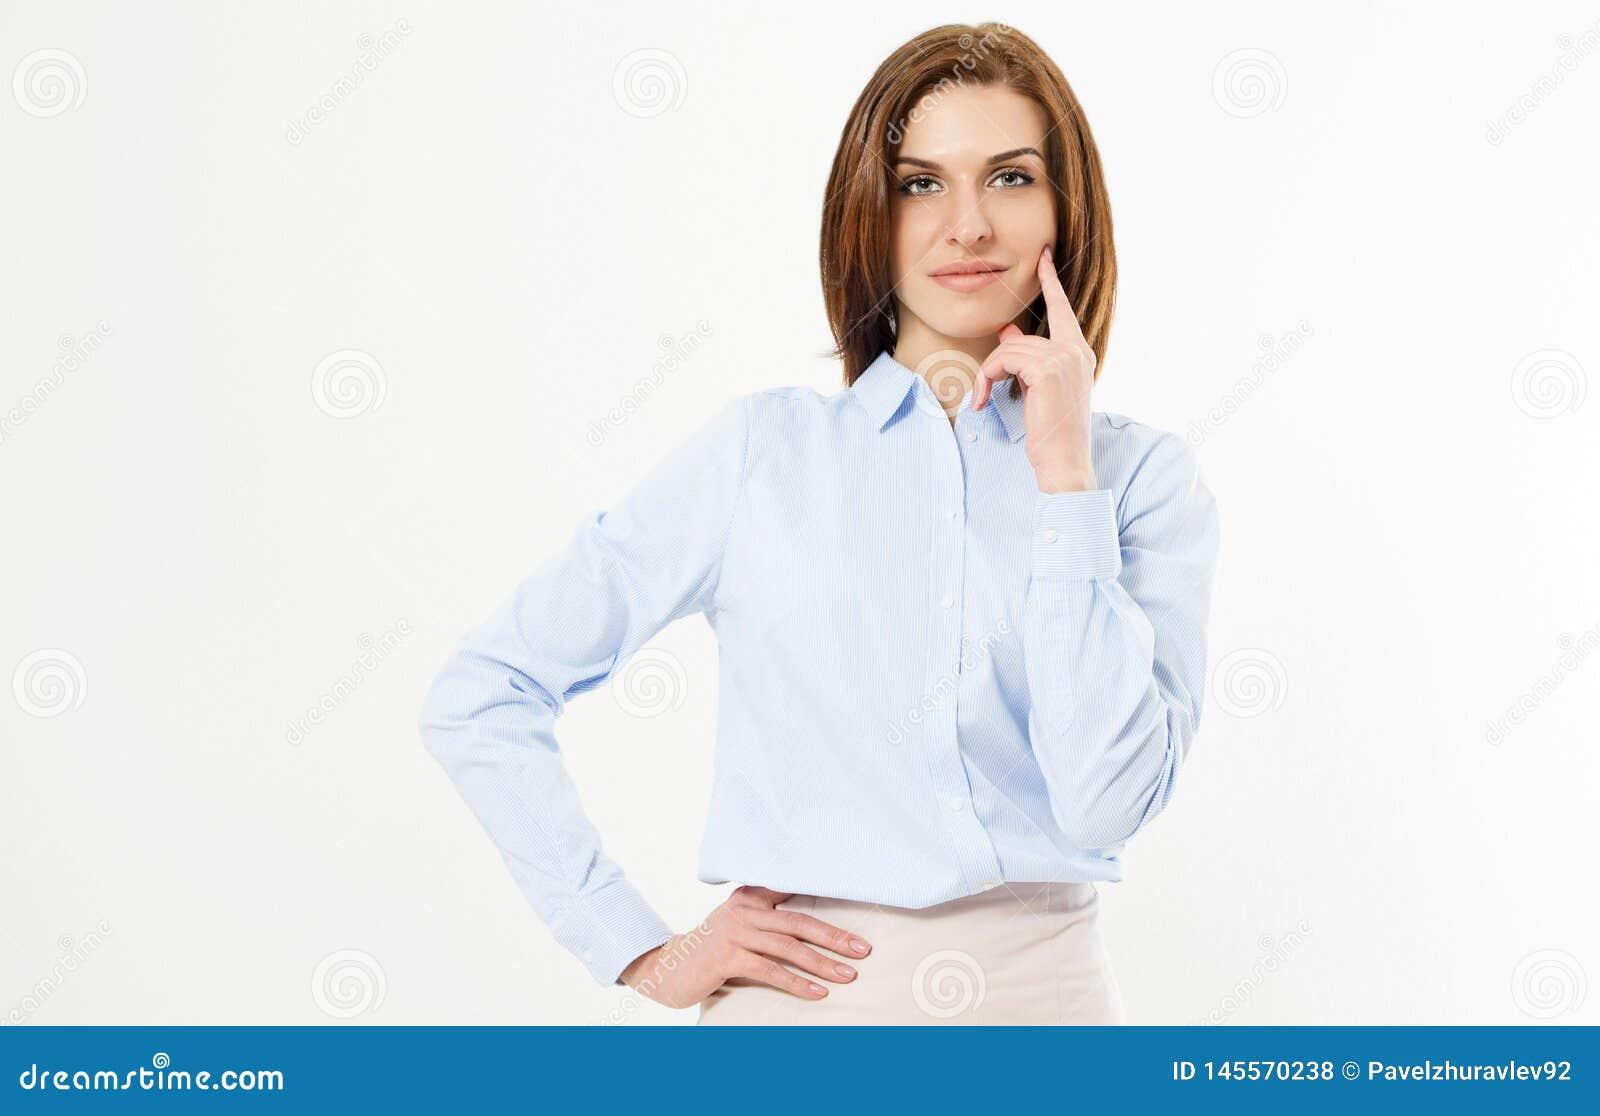 La fille réussie moderne tient la main sur la ceinture et le menton de contacts - jeune directeur sûr sur le fond blanc